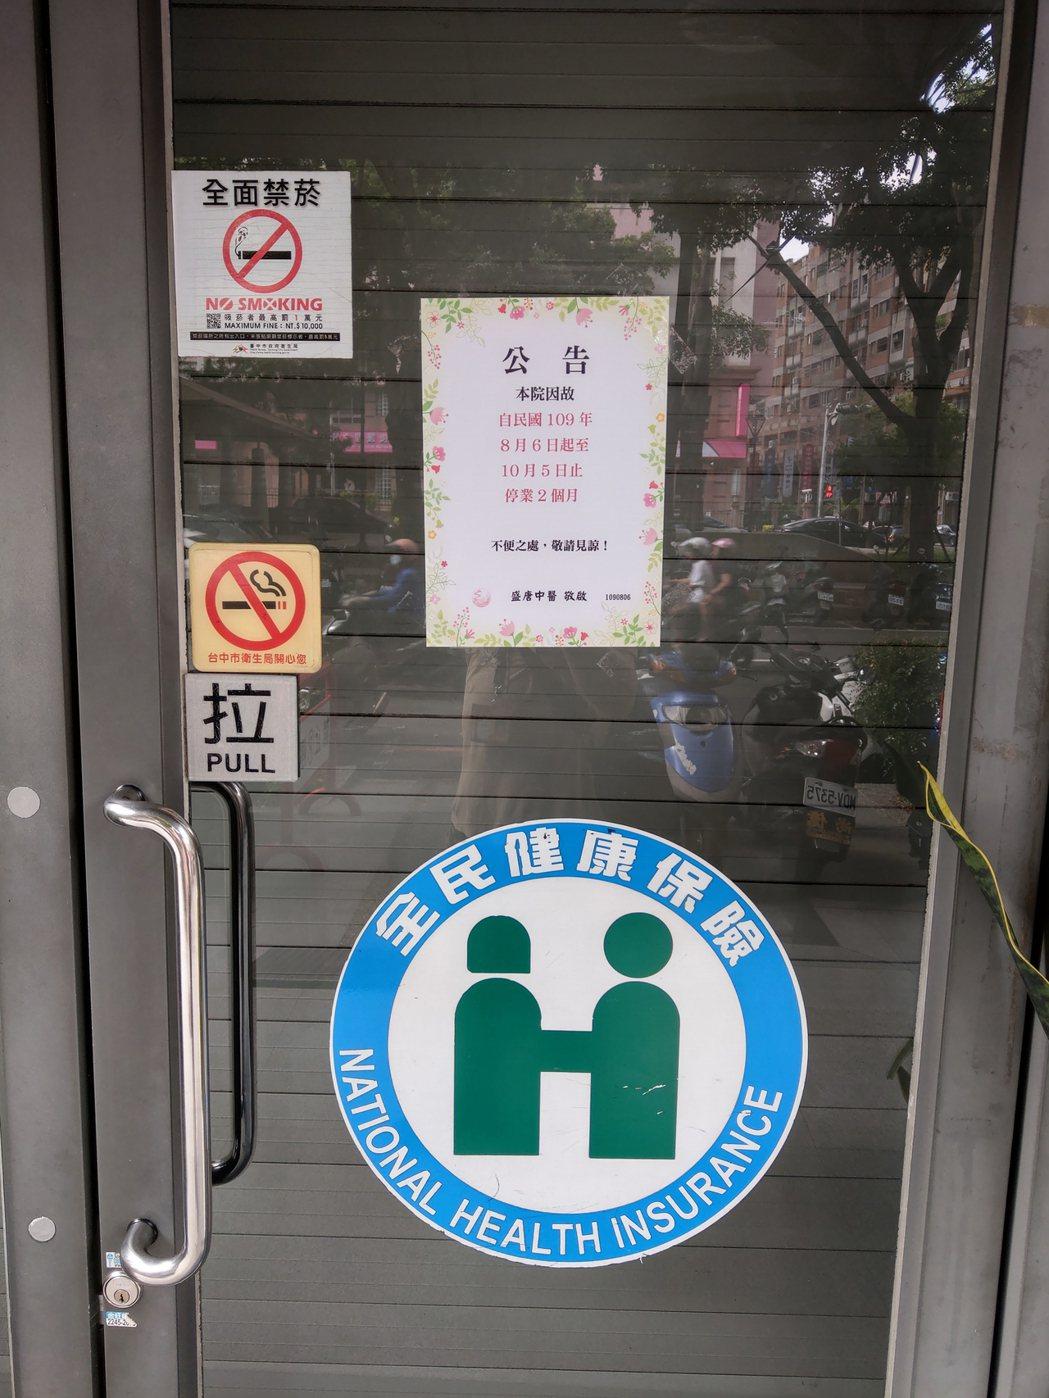 盛唐中醫診所因涉嫌以硃砂入藥遭台中市衛生局勒令停業。 中央社